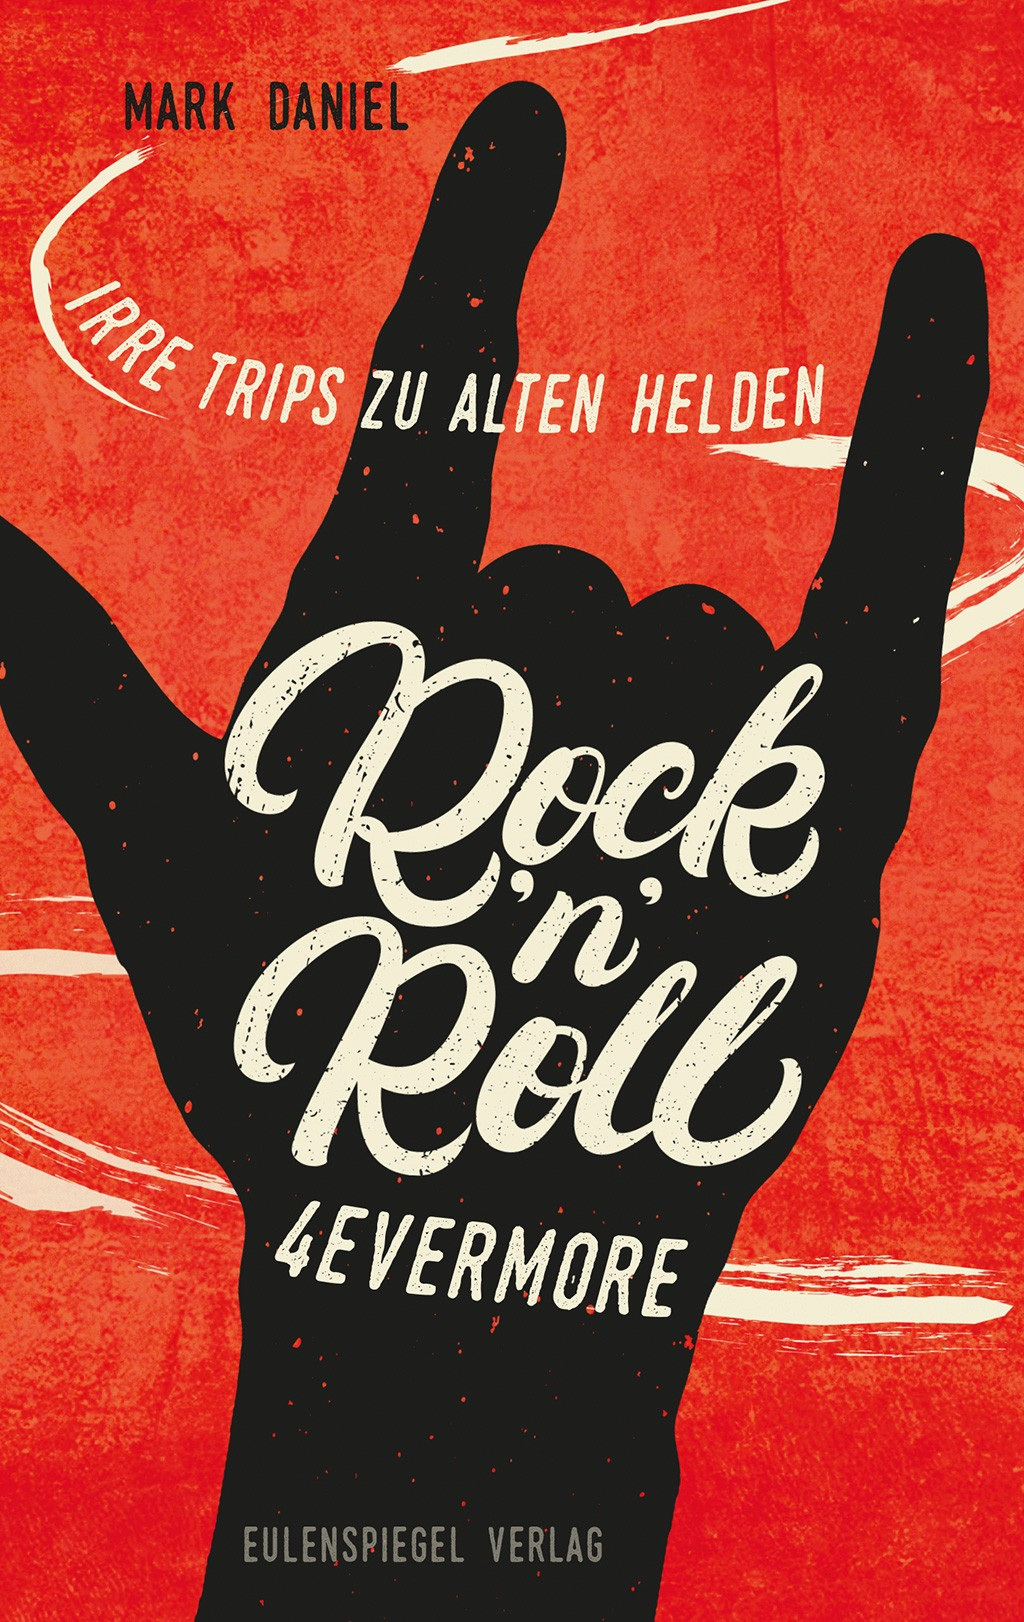 Rock´n´Roll 4evermore - Irre Trips zu alten Helden: Musikalische Lesung mit Mark Daniel und Tino Standhaft